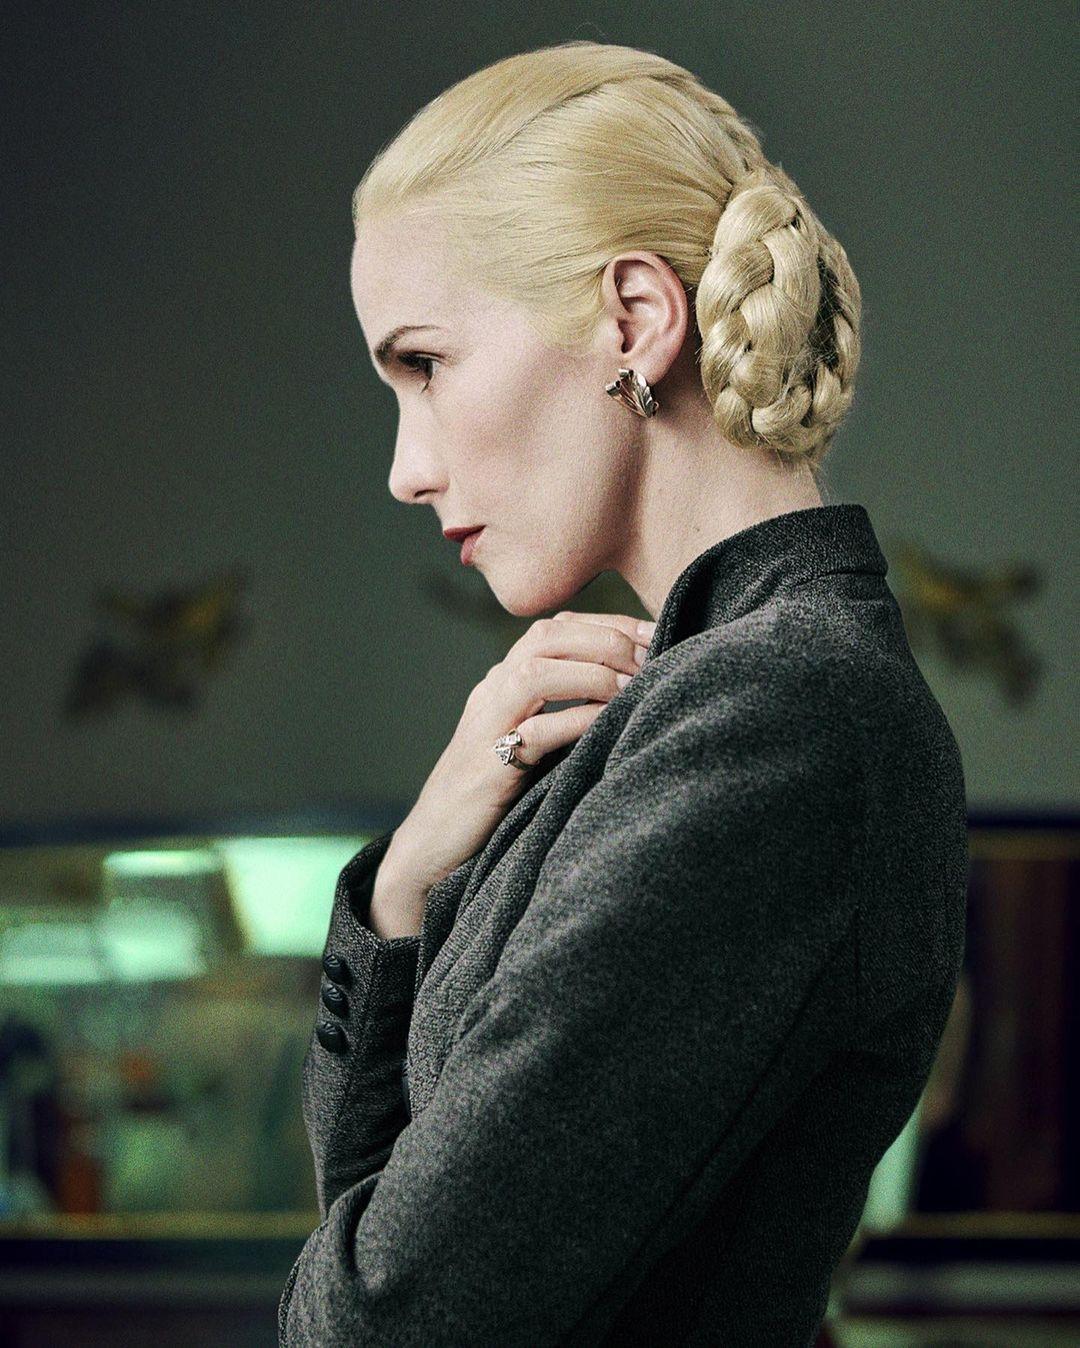 Теперь блондинка: Наталия Орейро кардинально сменила прическу (ФОТО+ГОЛОСОВАНИЕ) - фото №1